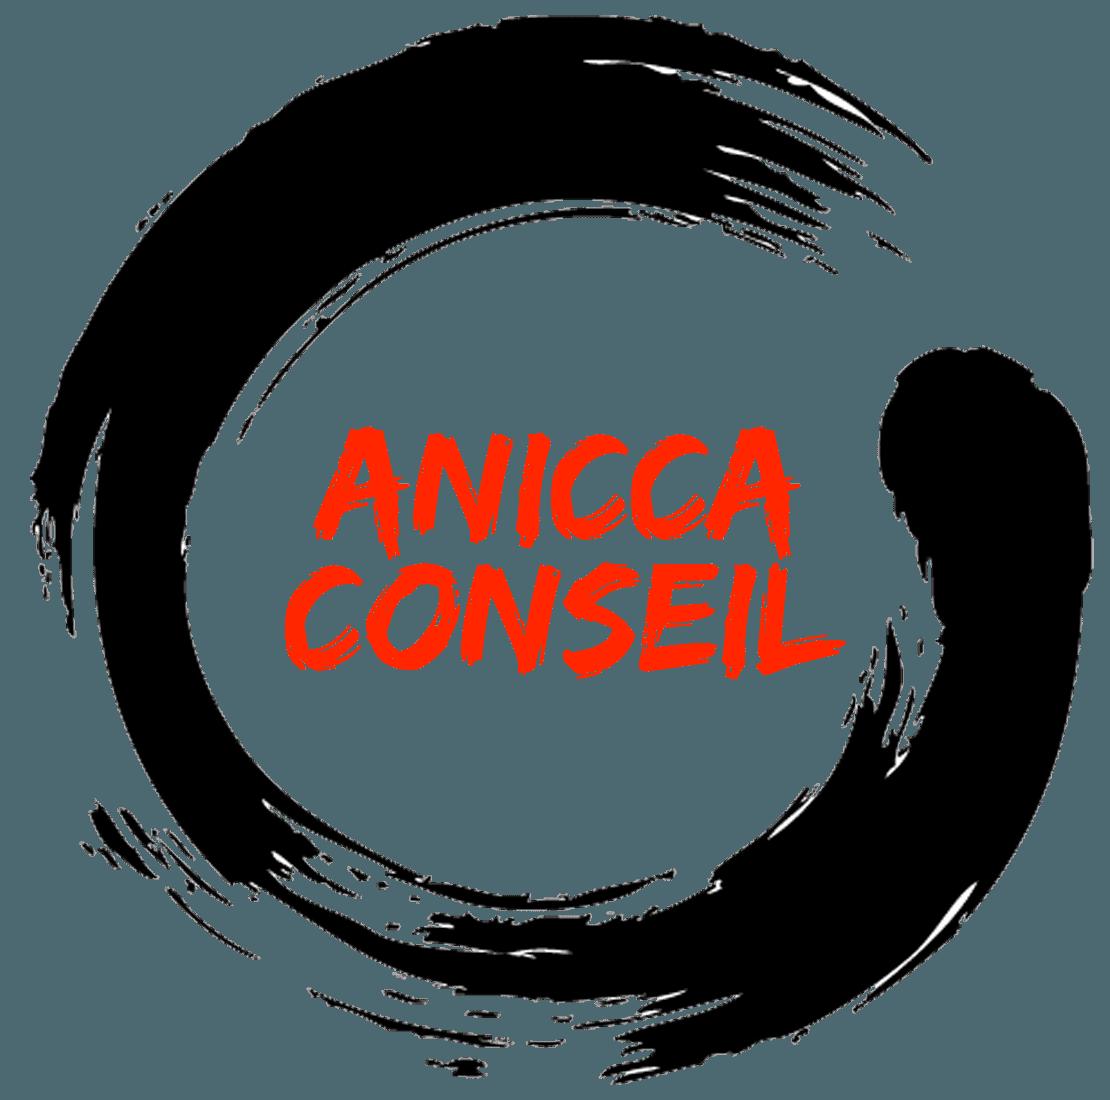 Annica Conseil